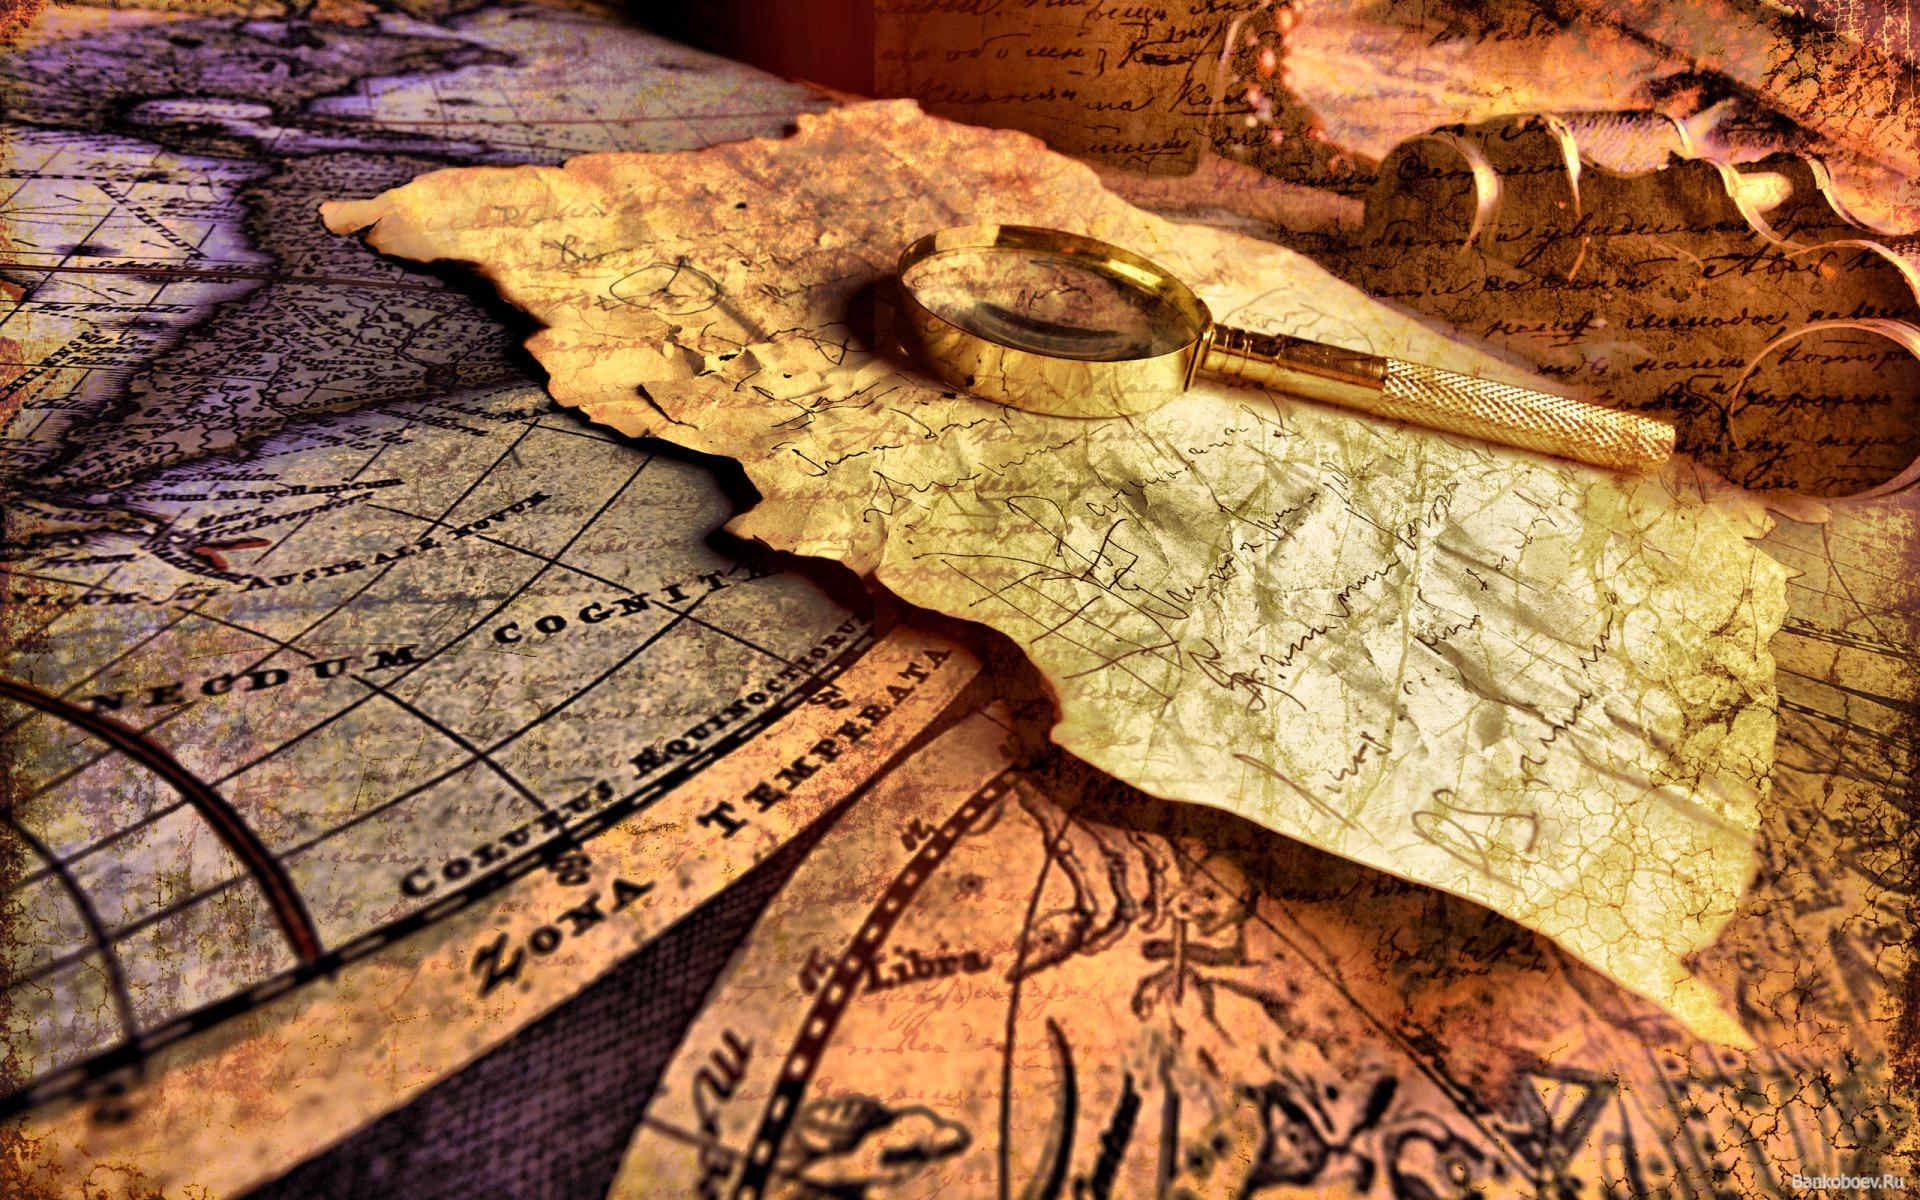 Comenzamos de nuevo con los cursos de Astrología en Valencia. Charla presentación